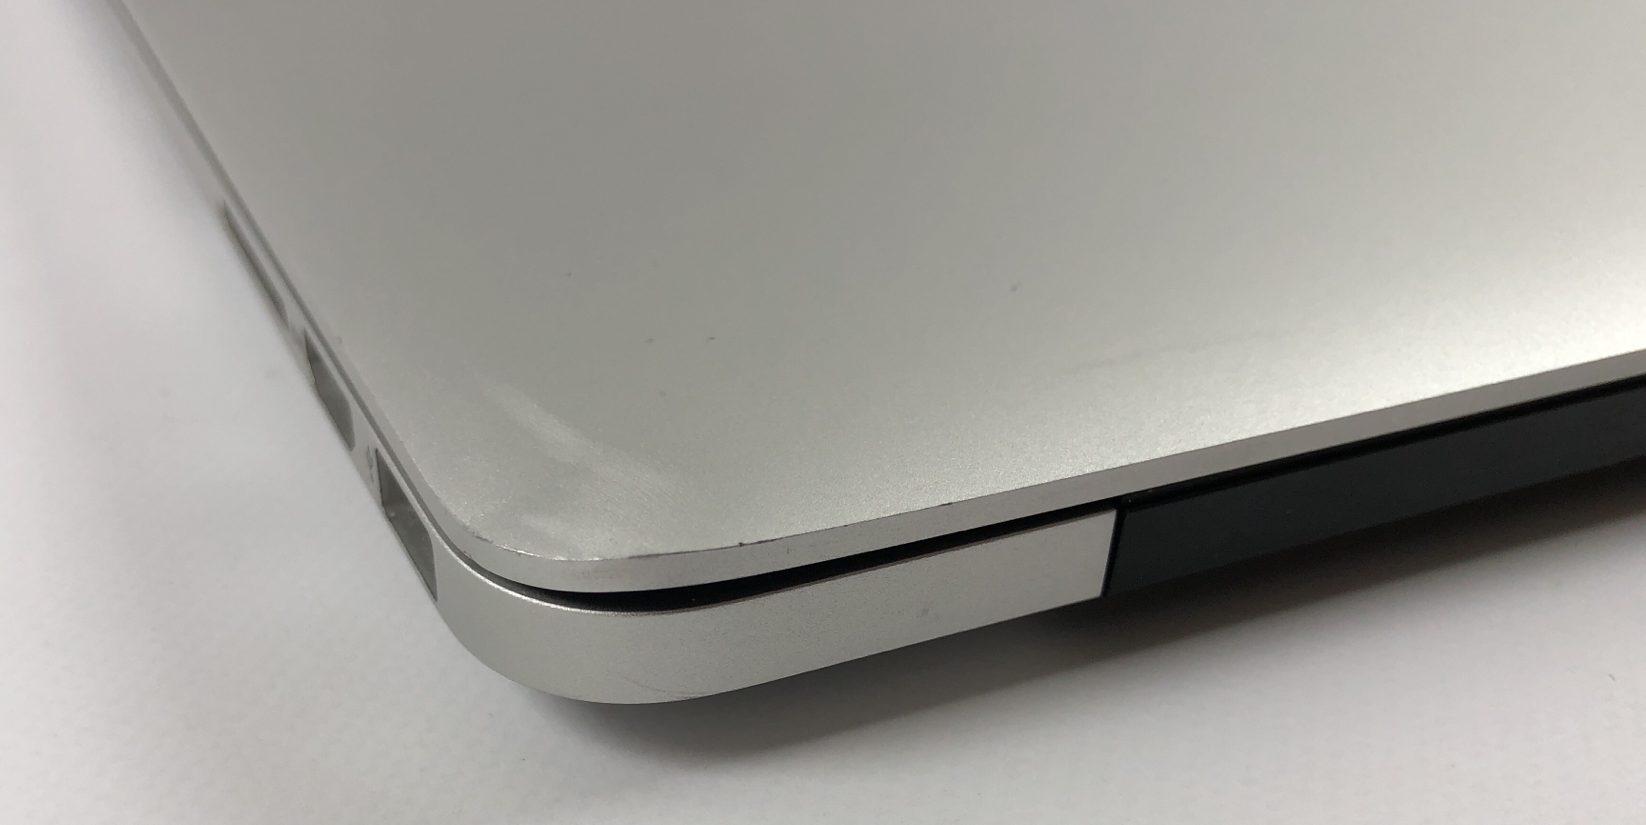 """MacBook Pro Retina 15"""" Mid 2014 (Intel Quad-Core i7 2.8 GHz 16 GB RAM 1 TB SSD), Intel Quad-Core i7 2.8 GHz, 16 GB RAM, 1 TB SSD, Afbeelding 4"""